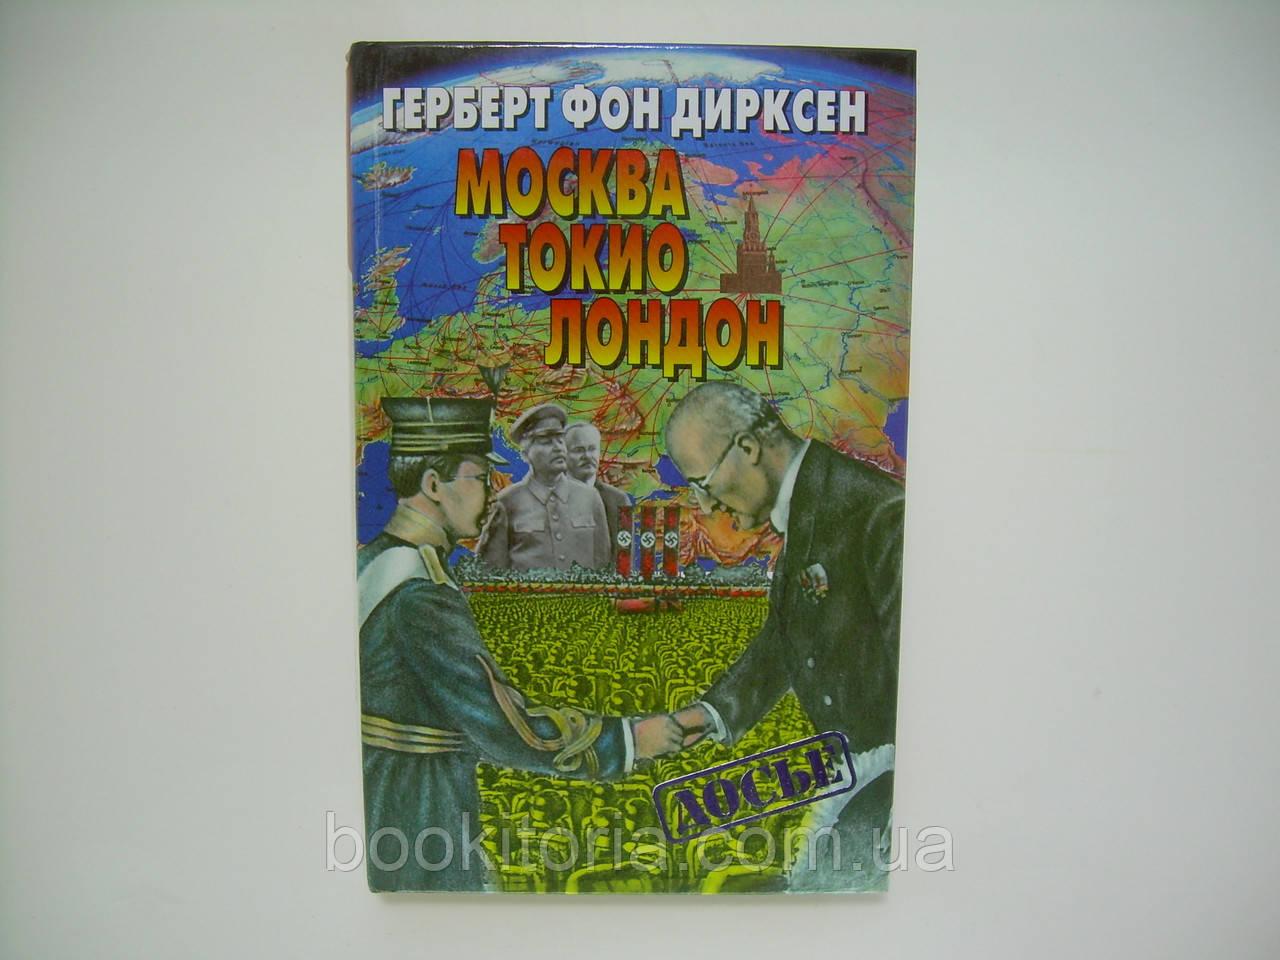 Дирксен Г. фон. Москва, Токио, Лондон. Двадцать лет германской внешней политики (б/у).